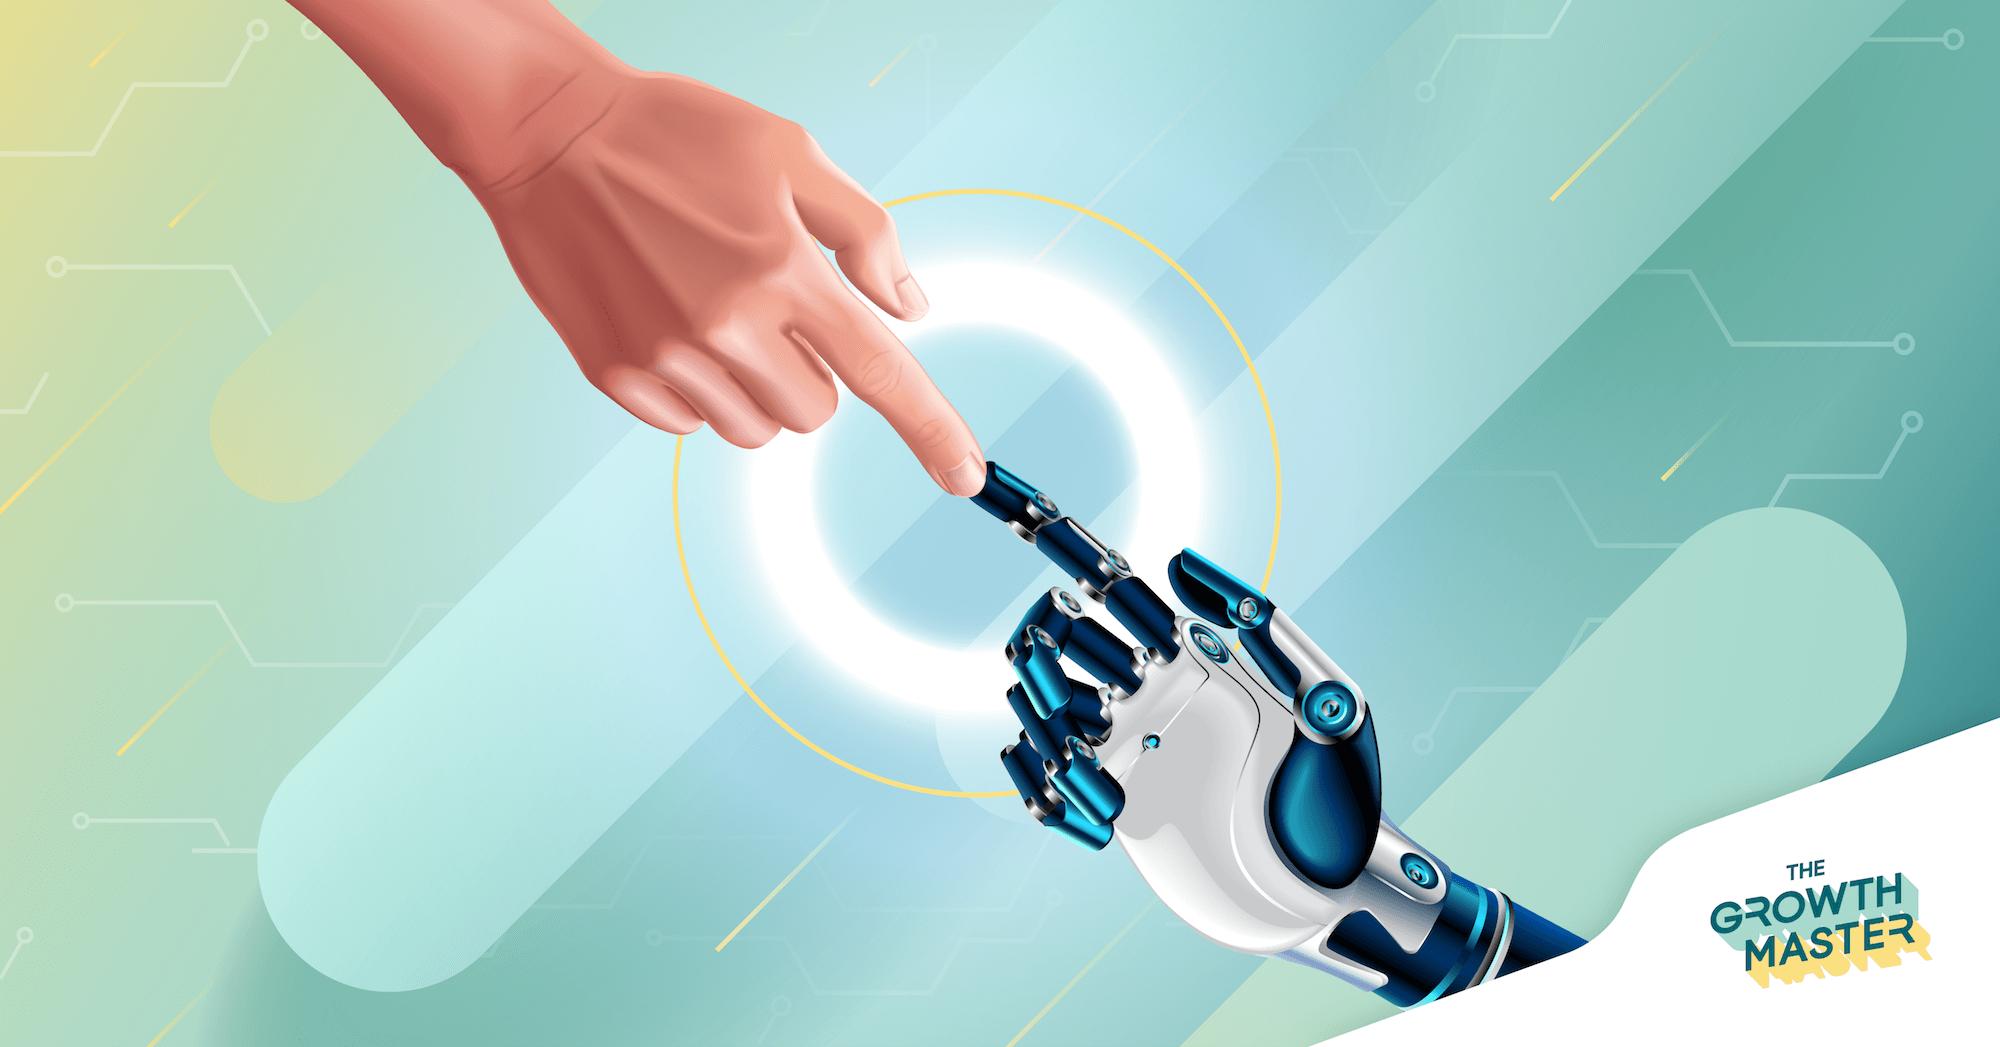 """บทบาทที่เปลี่ยนไปของนักการตลาดใน """"ยุค AI"""""""